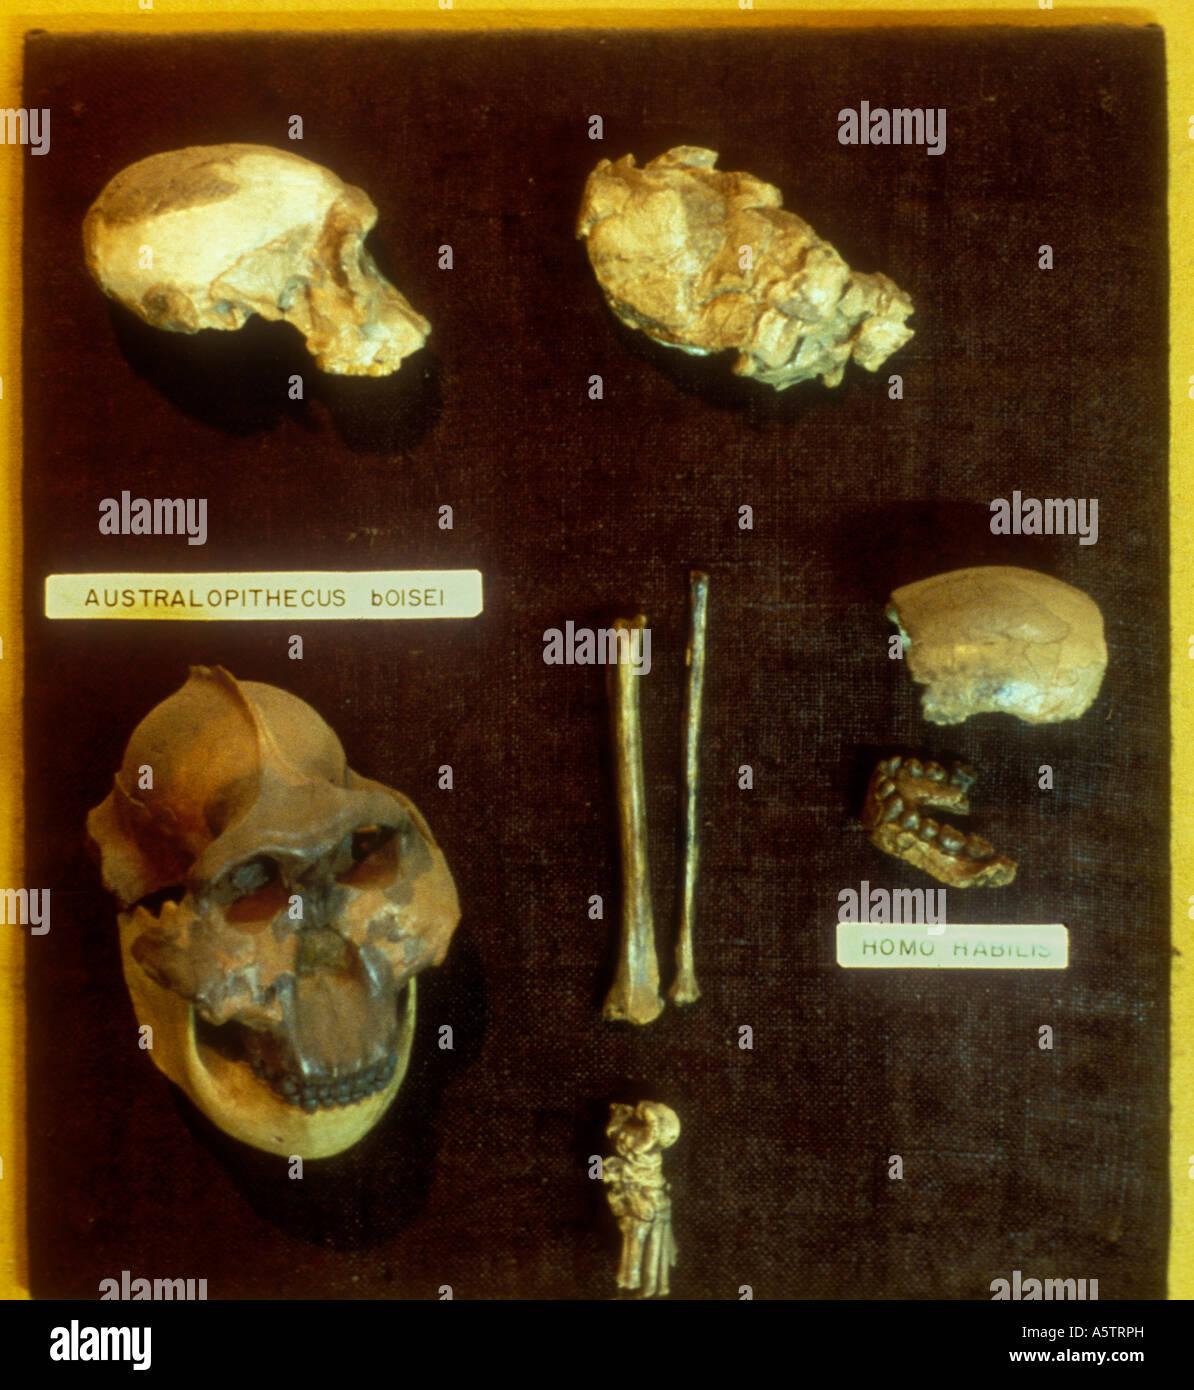 AUSTRALOPITHECUS BOISEI and HOMO HABILIS fossil exhibits National Museum Nairobi Kenya East Africa - Stock Image